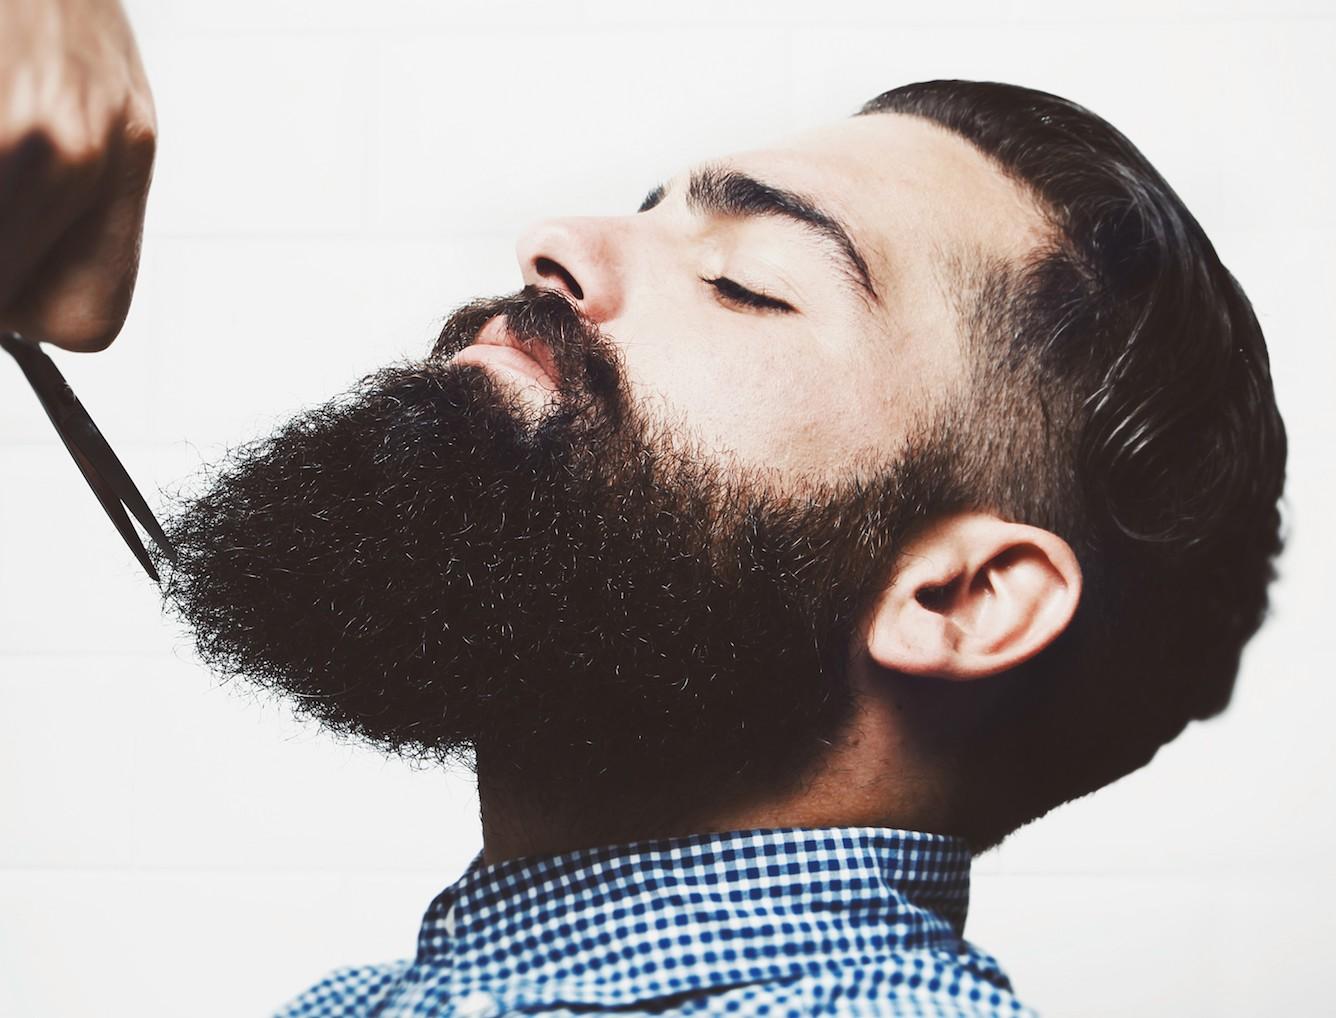 Soins de barbe - Barbier à Sarrebourg - Coiffure à l'Image